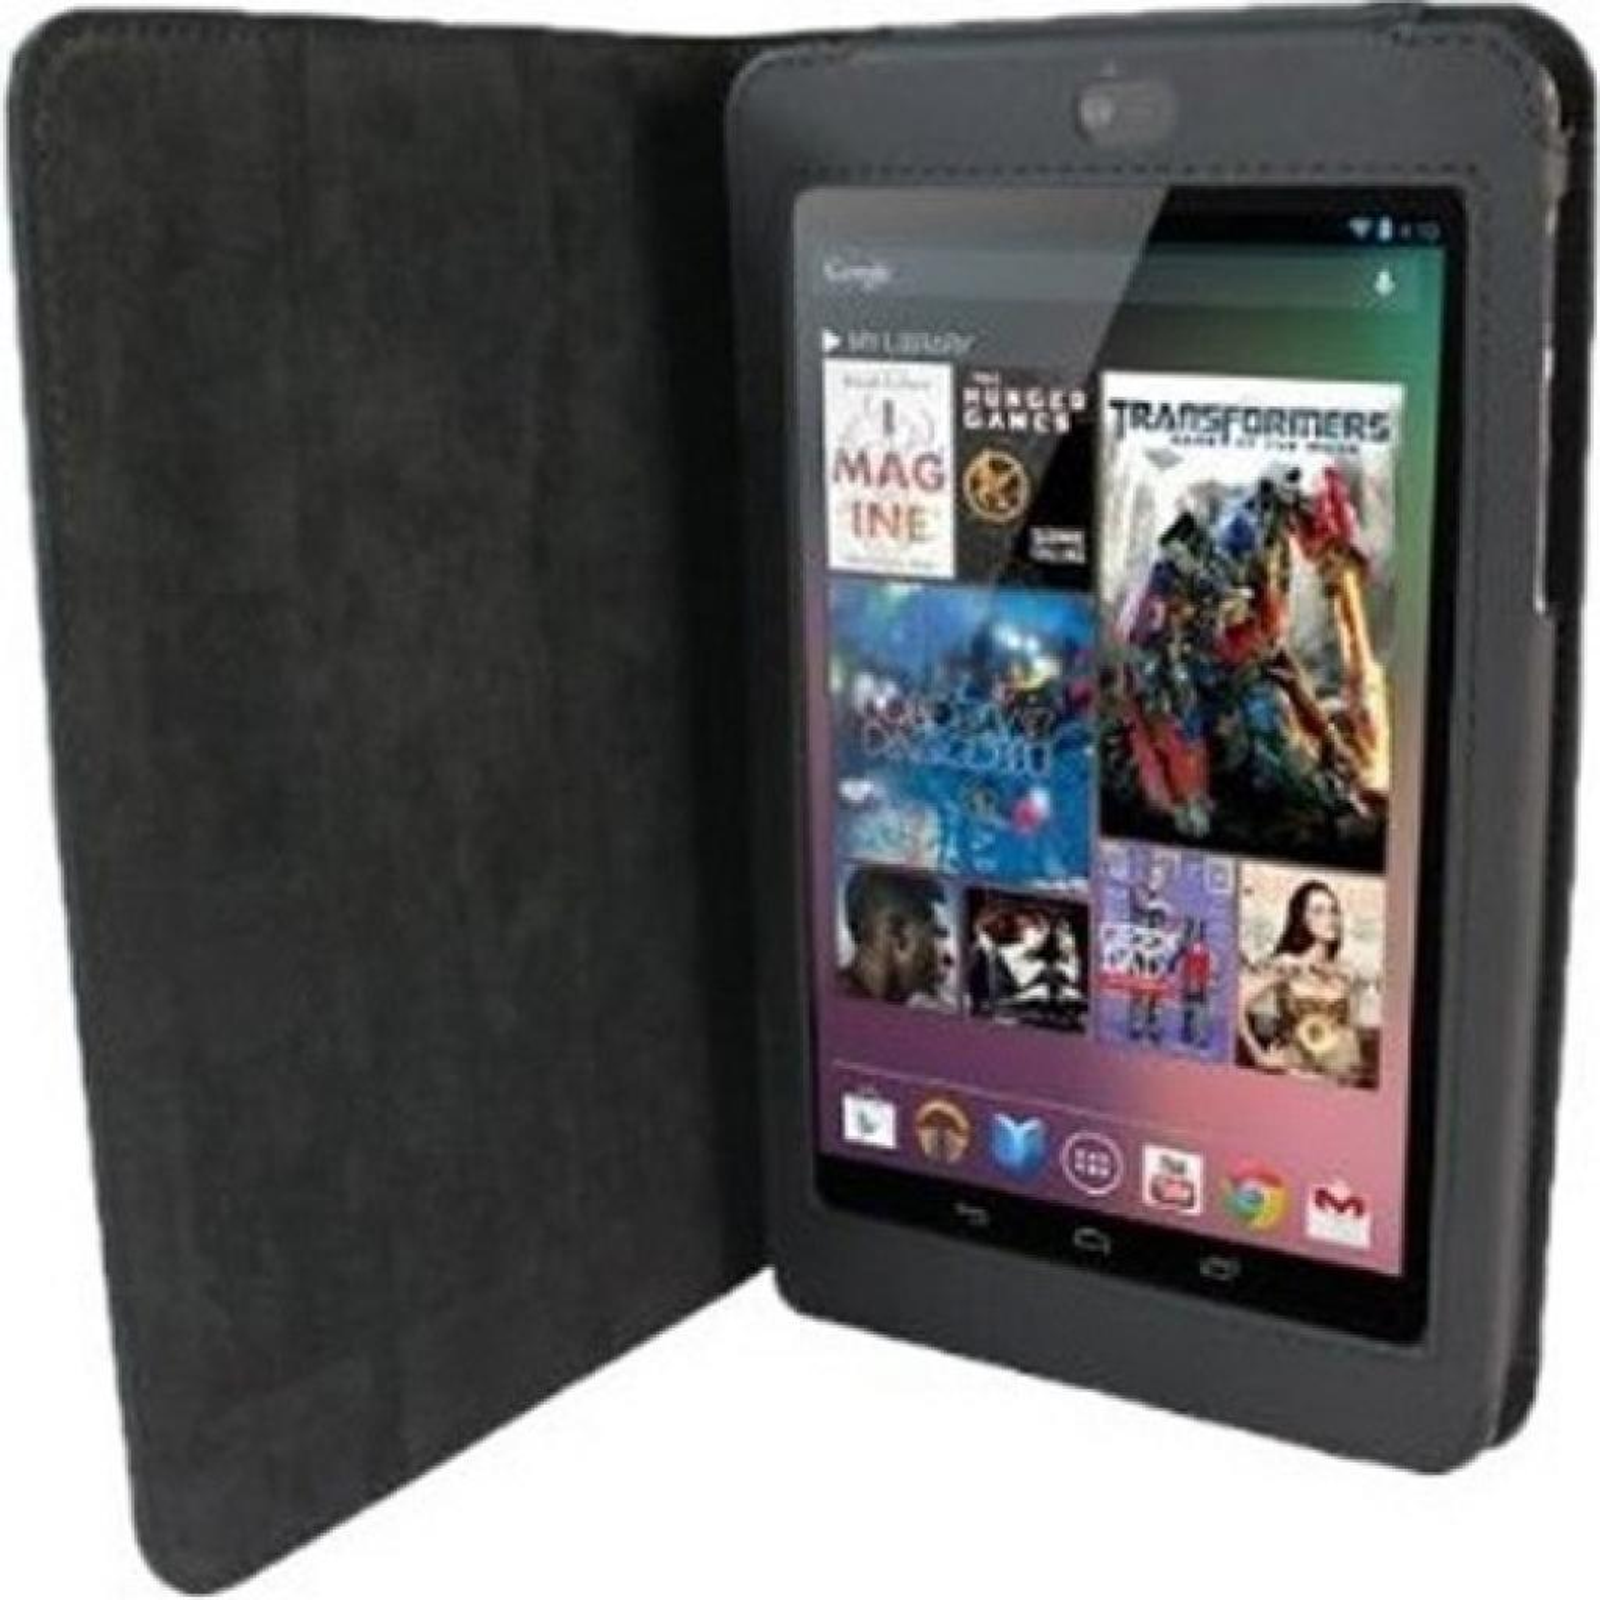 Чехол для планшета Pro-case Google Asus Nexus 7 (Nexus 7) изображение 2